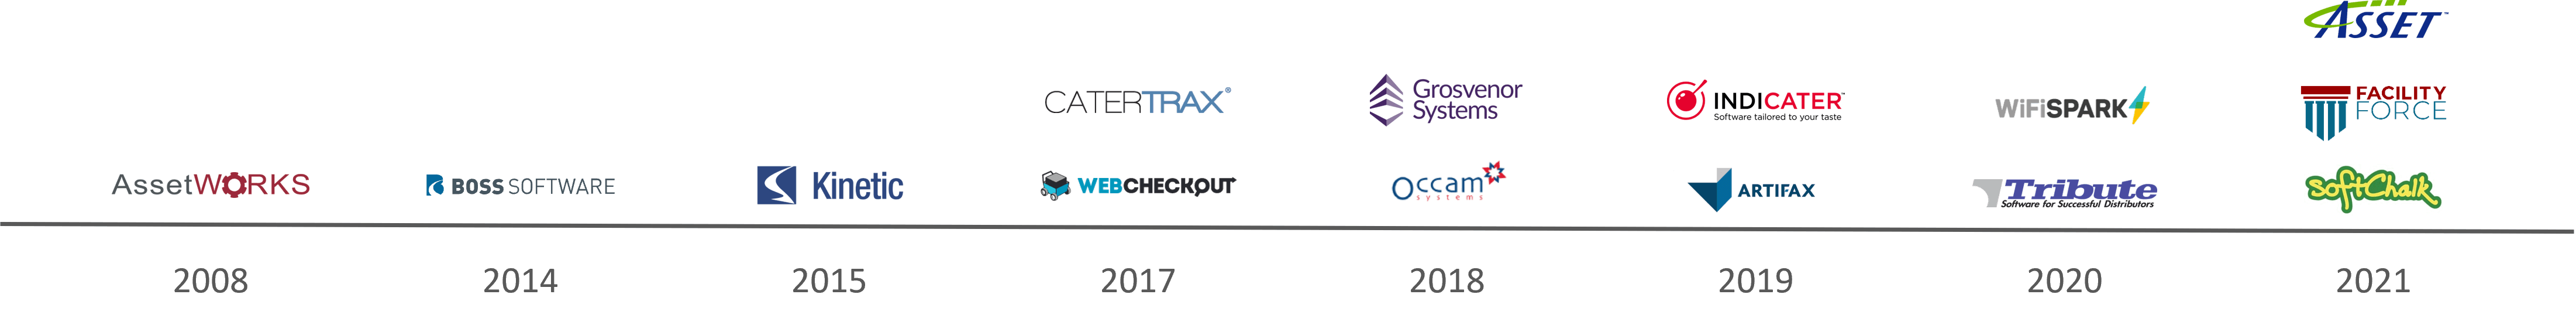 2021_Timeline